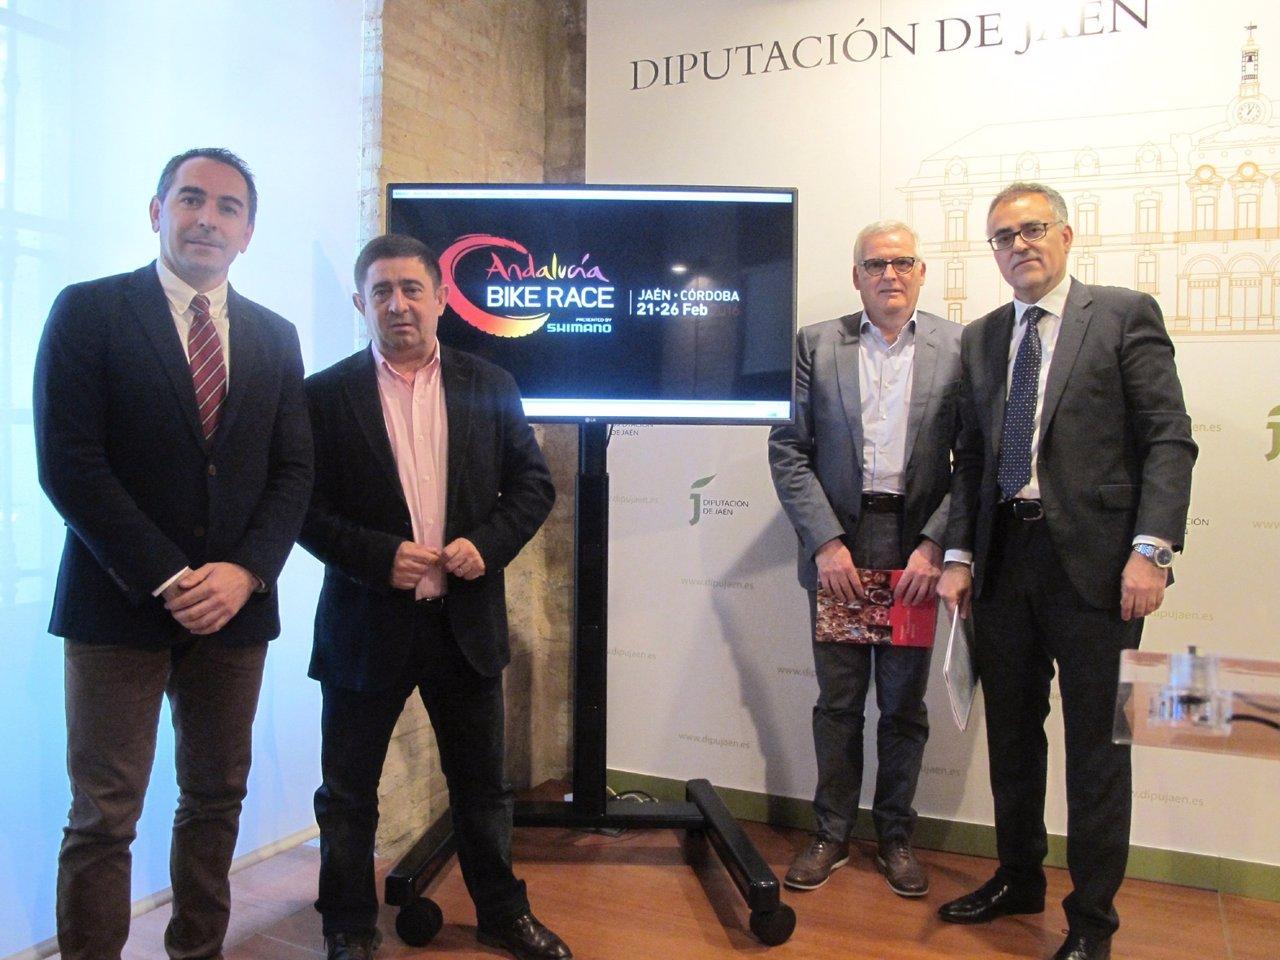 Presentación del estudio de impacto de la VI Andalucía Bike Race.